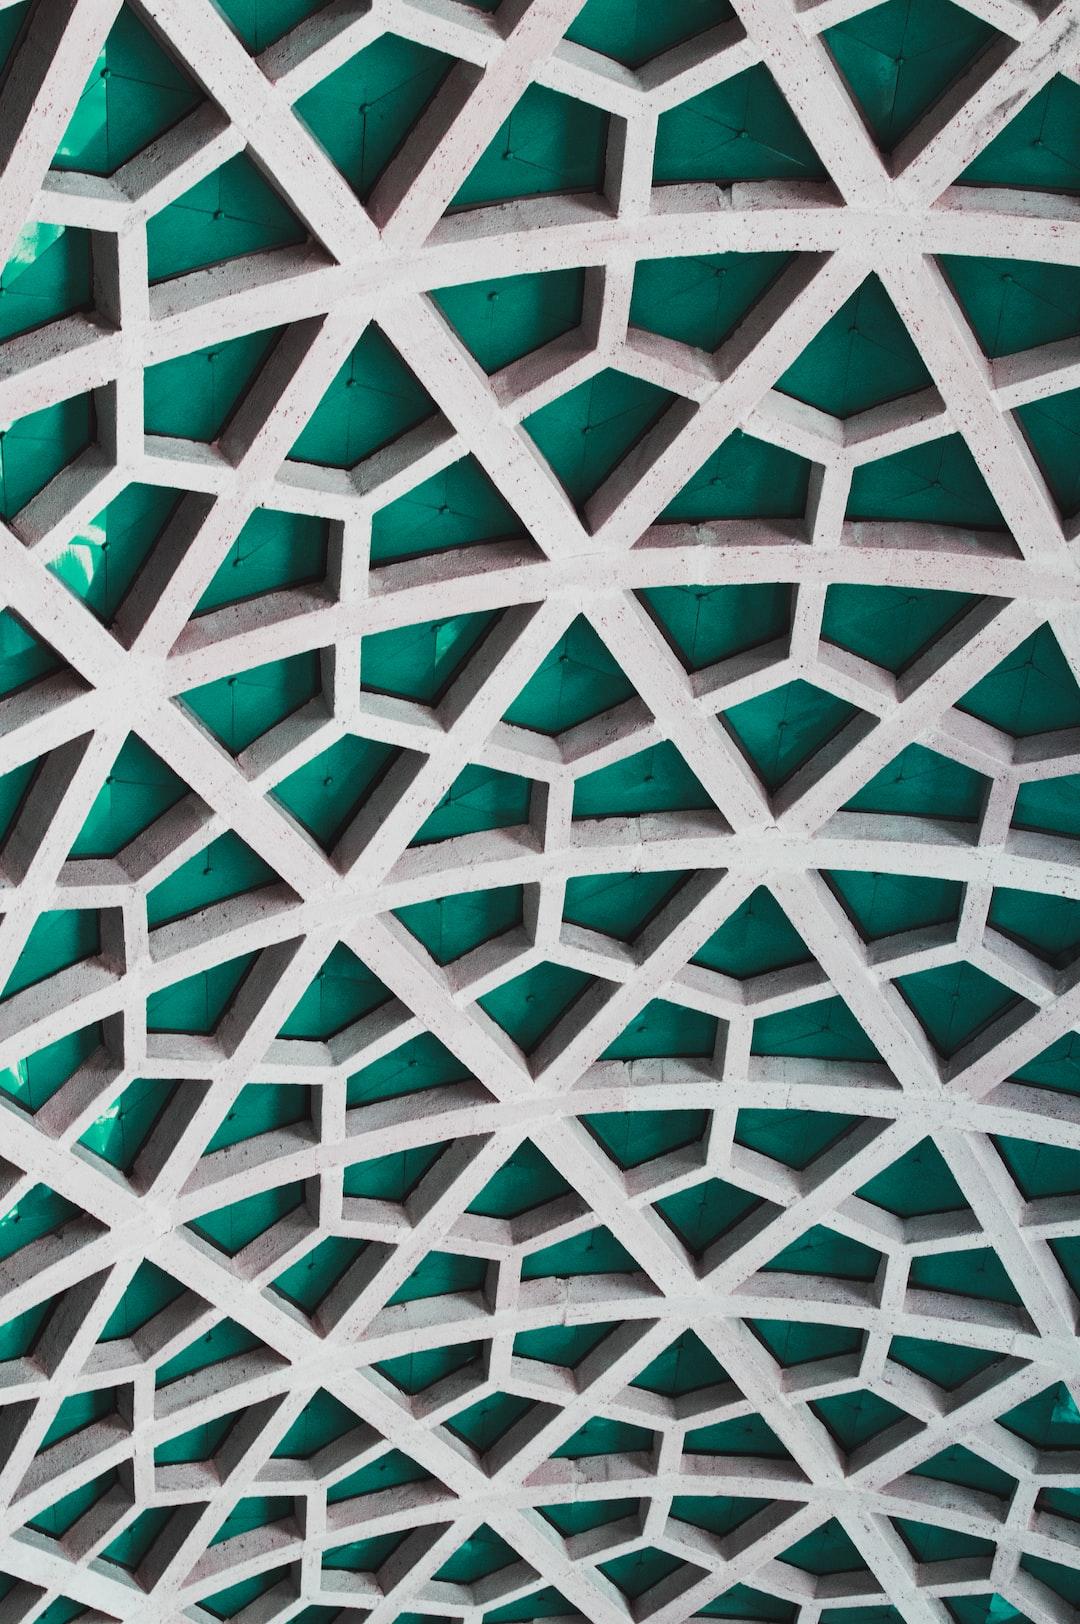 Concrete meshwork